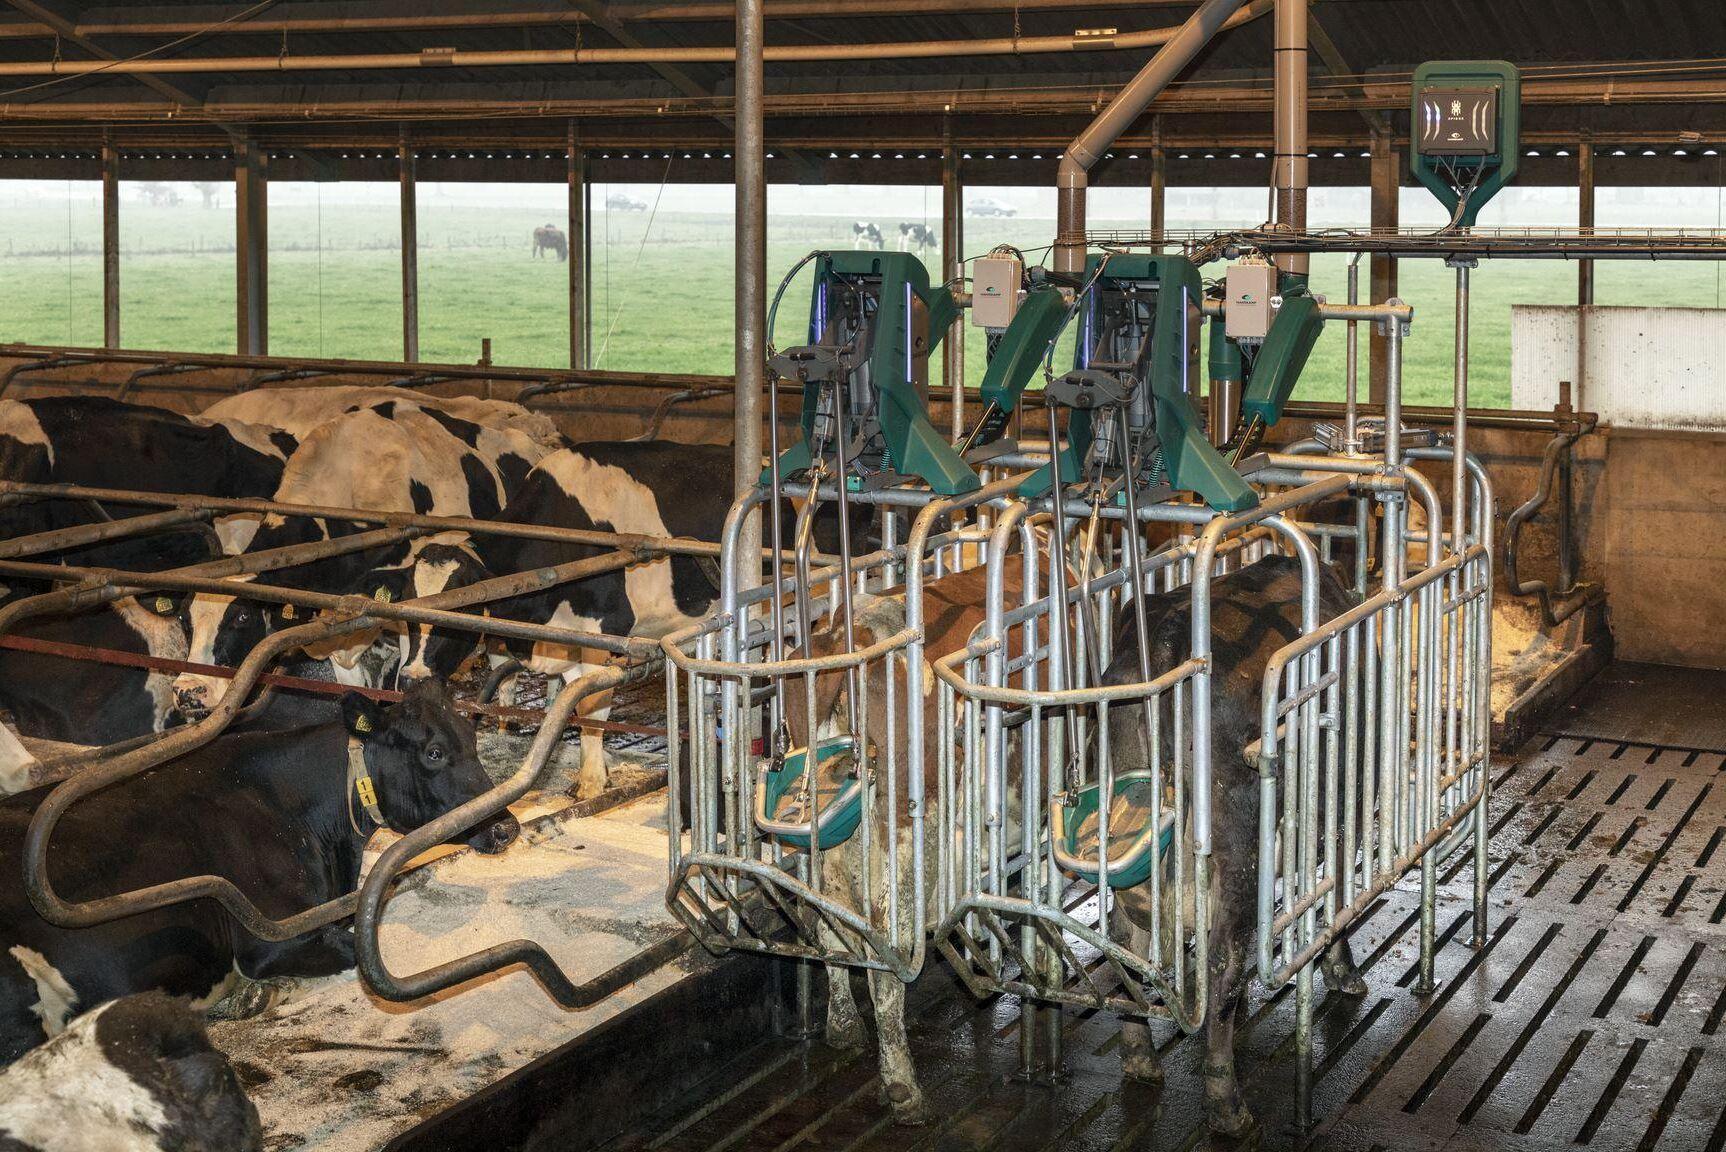 Helt frivilligt och utan stresspåslag ska Hanskamps ko-toa stimulera djuren att släppa ifrån sig urinen. Renare golv, bättre djurhälsa och renare gödselfraktioner är tre av fördelarna.